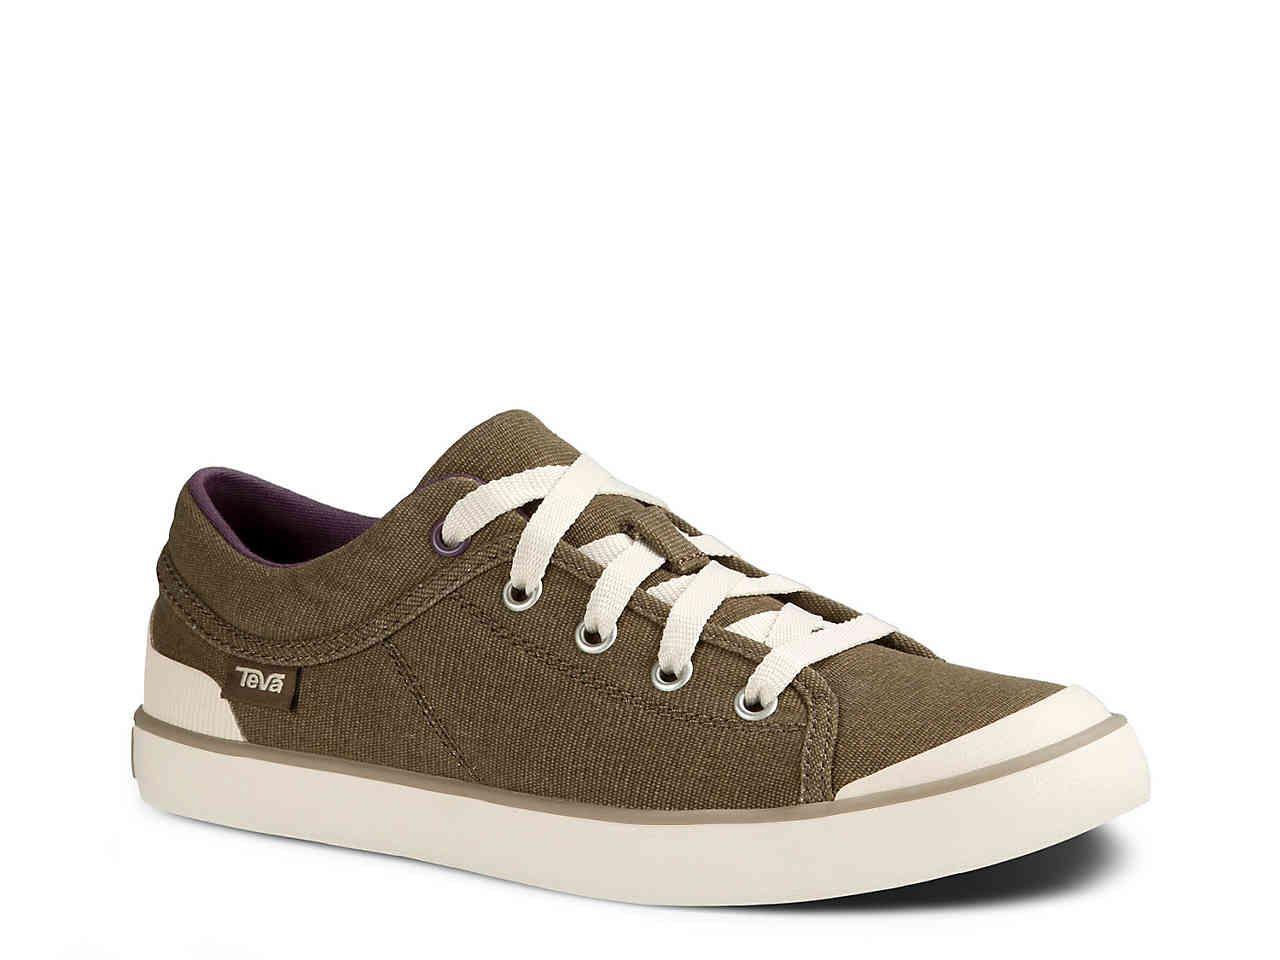 Teva Freewheel Sneaker Women's Shoes